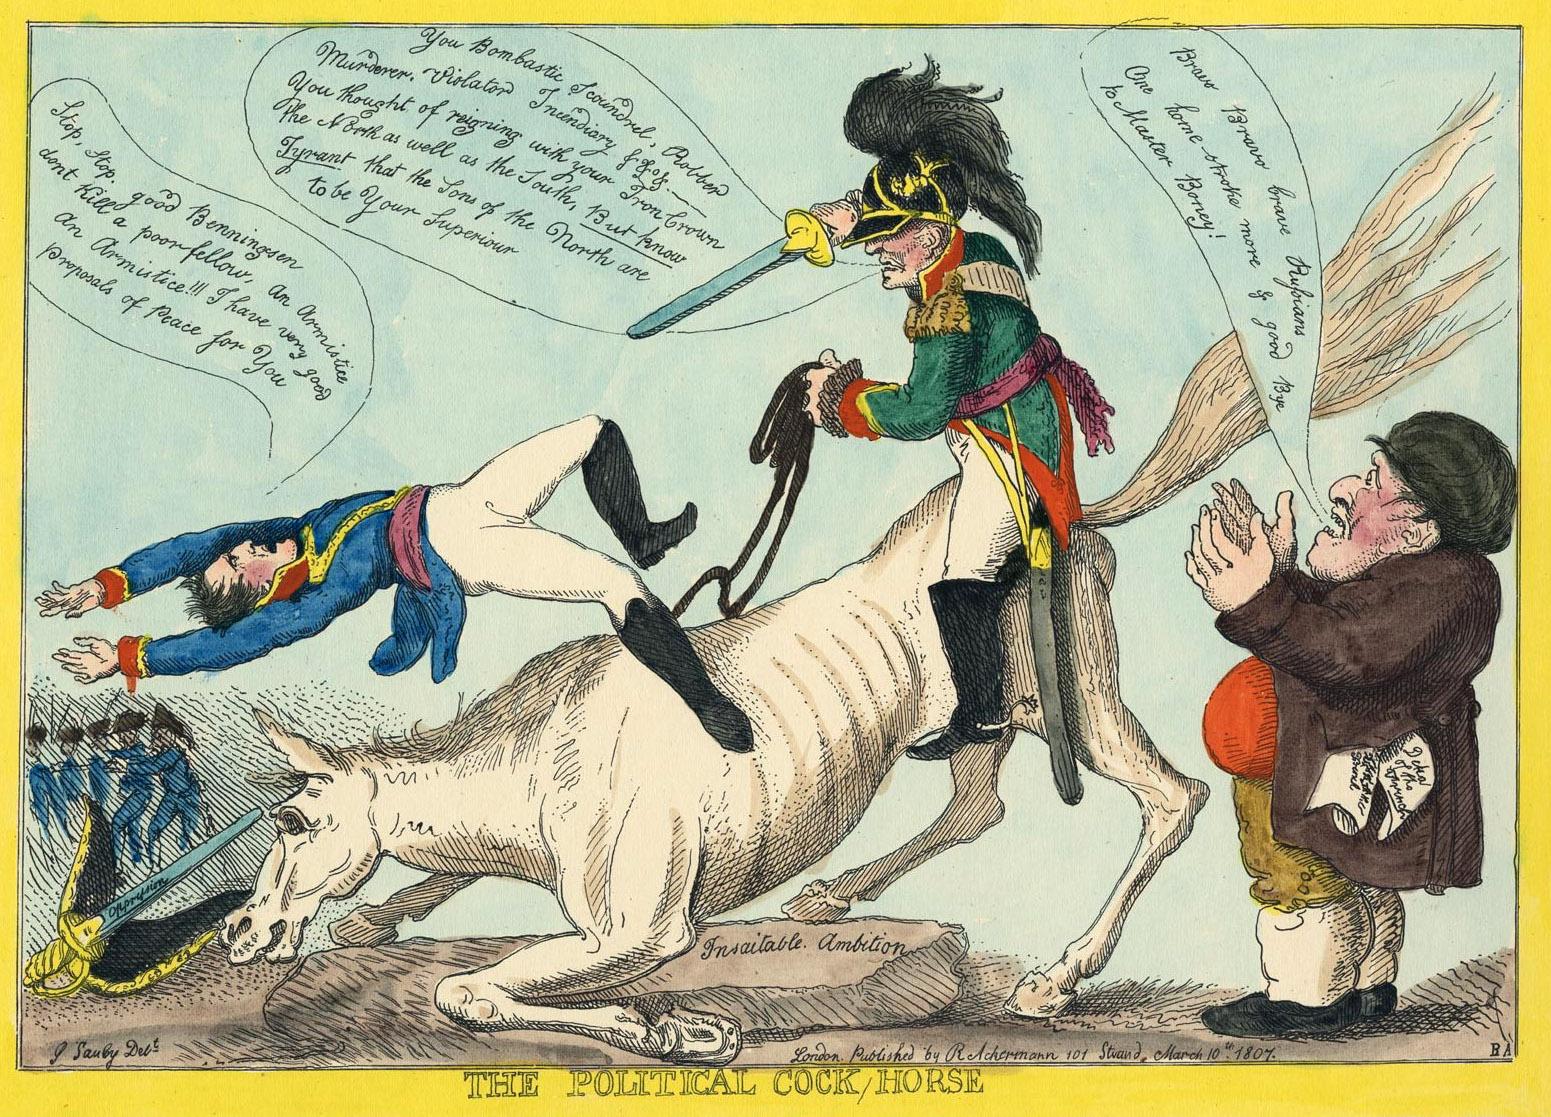 155. The political cock horse